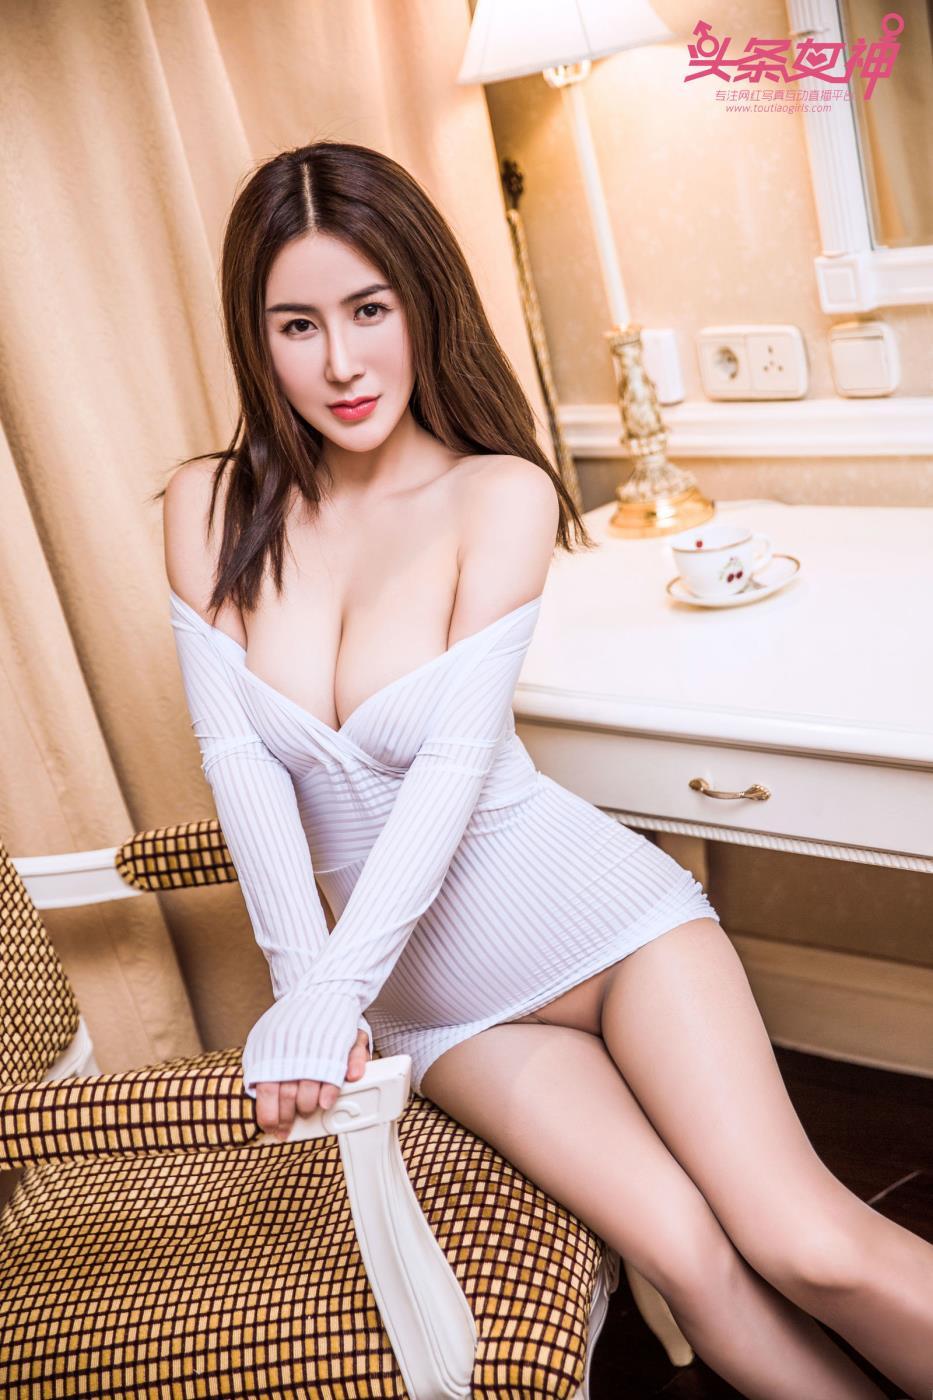 头条女神美女模特温婉御姐控修长美腿大尺度写真套图